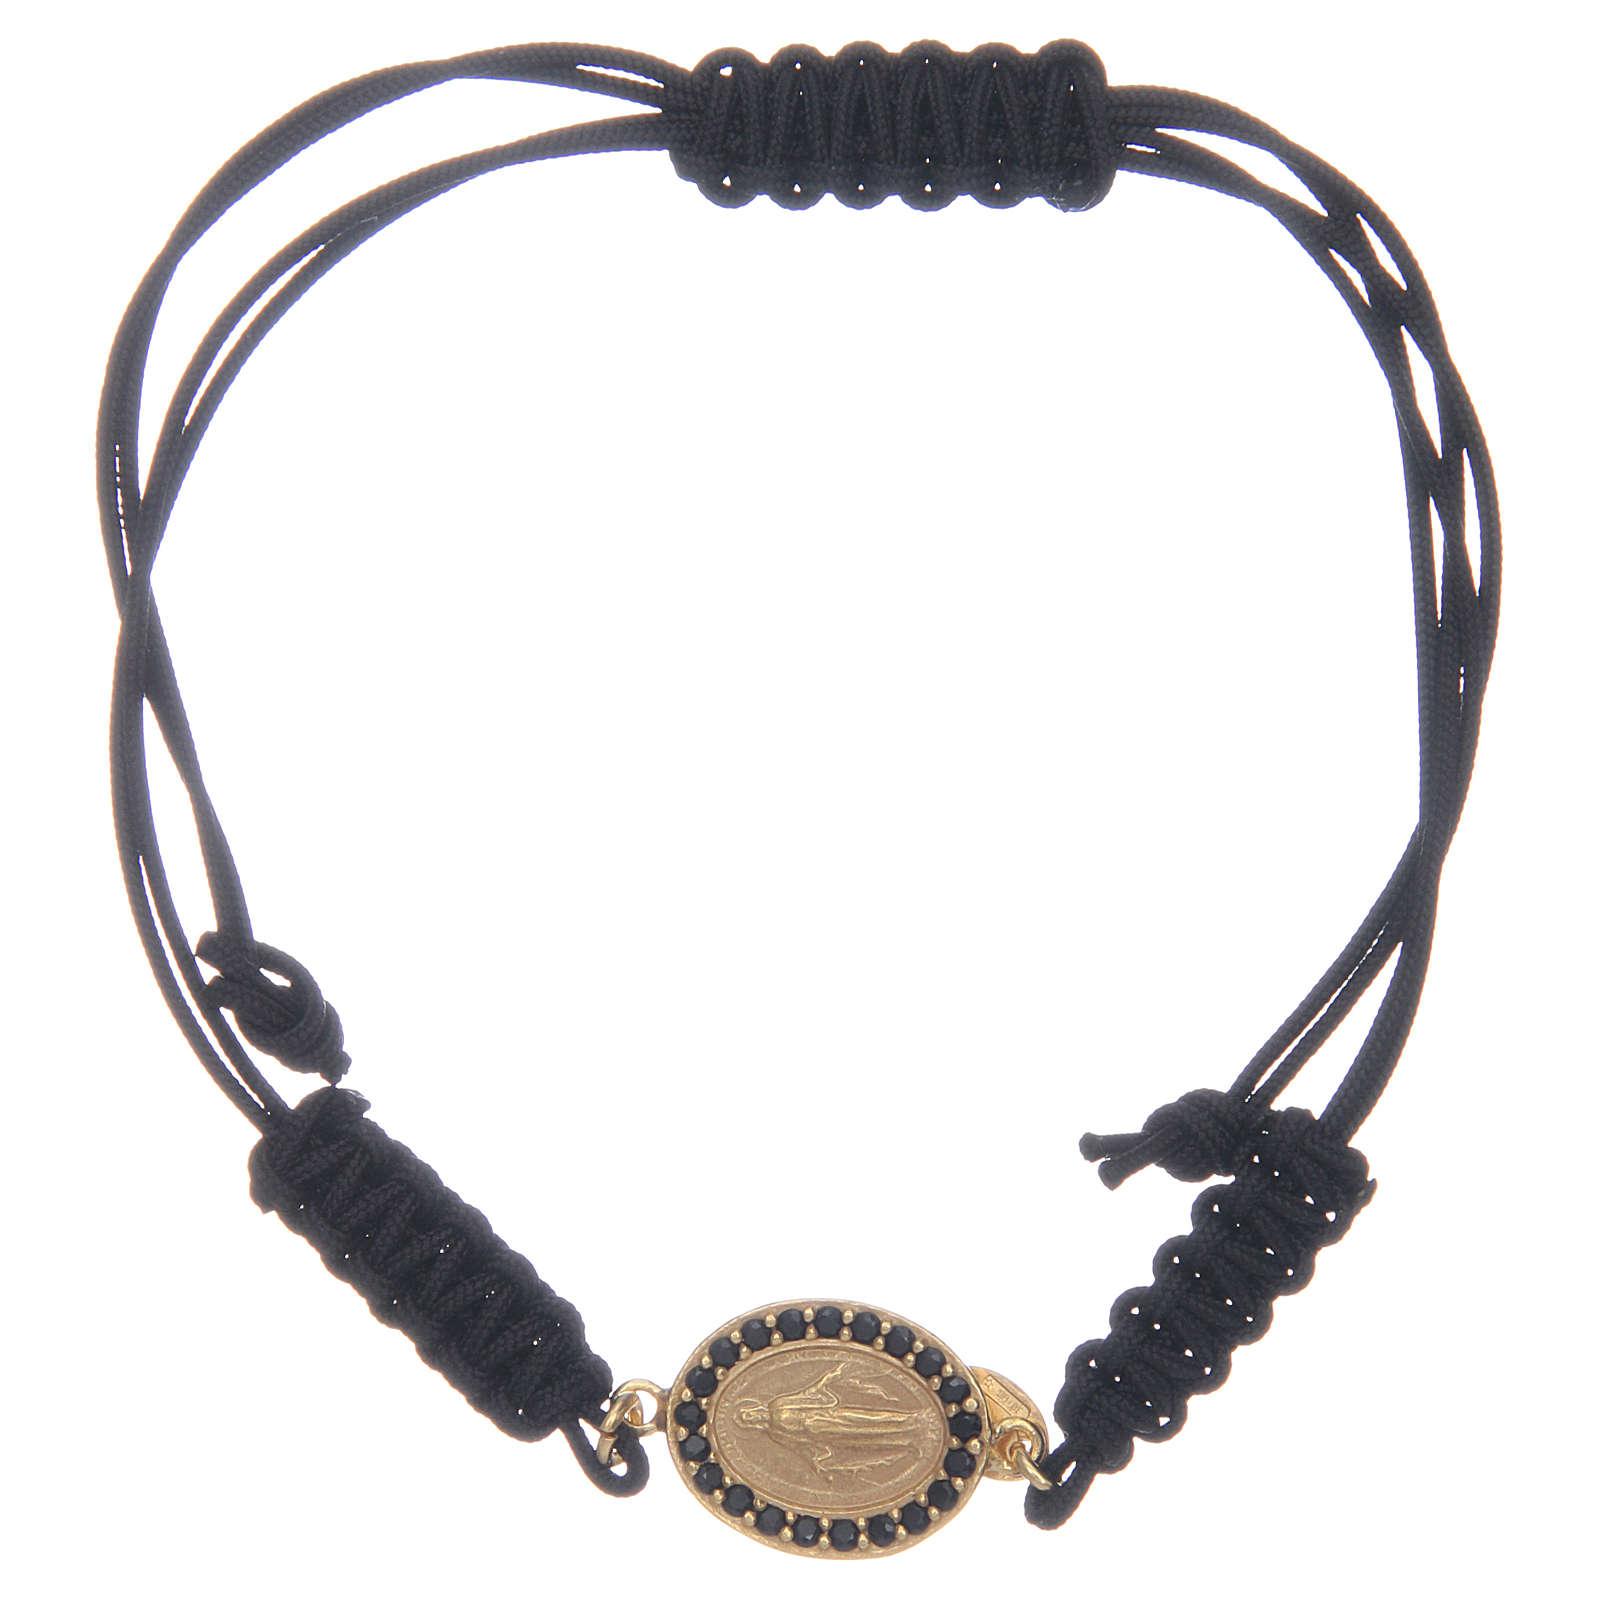 Bransoleta linka srebro 925 Cudowny Medalik pozłacany cyrkonie czarne 4